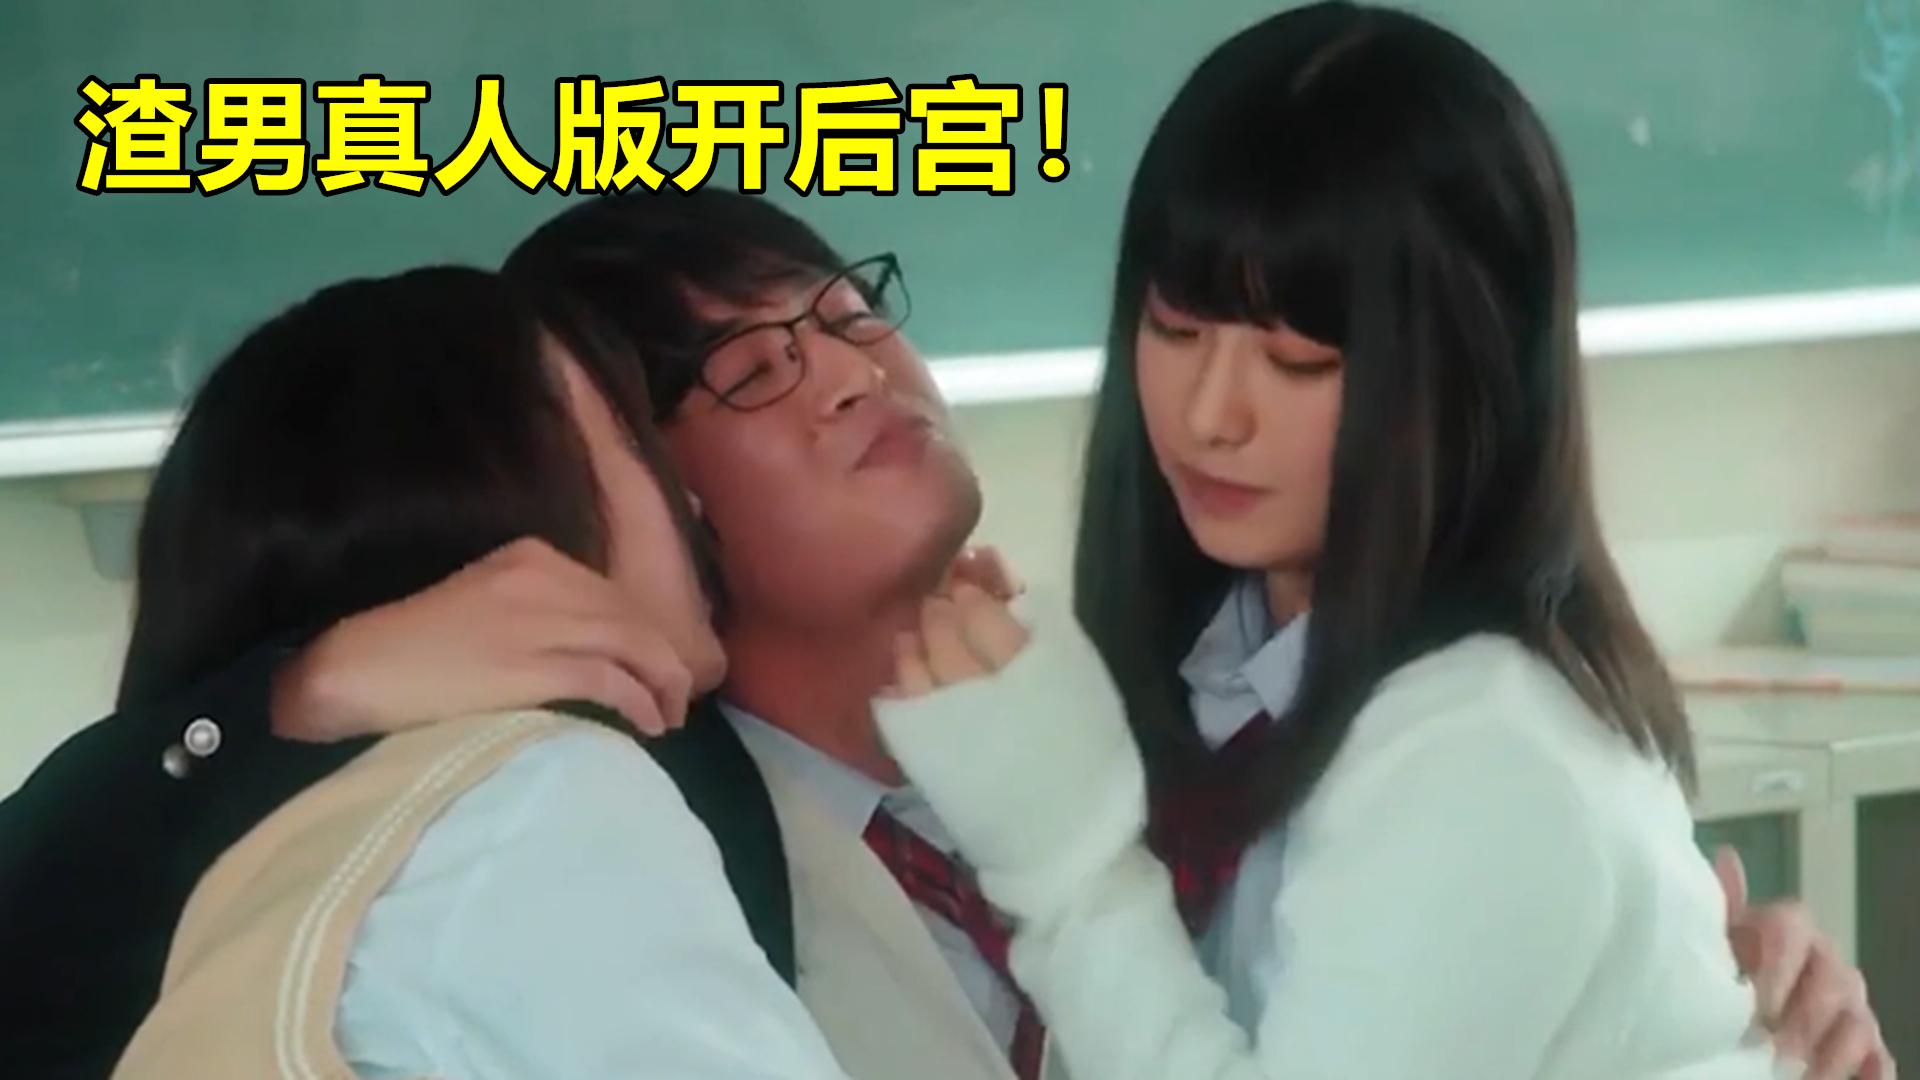 """【马也】女高中生发现老师正在""""上 自己!《世界奇妙物语》"""